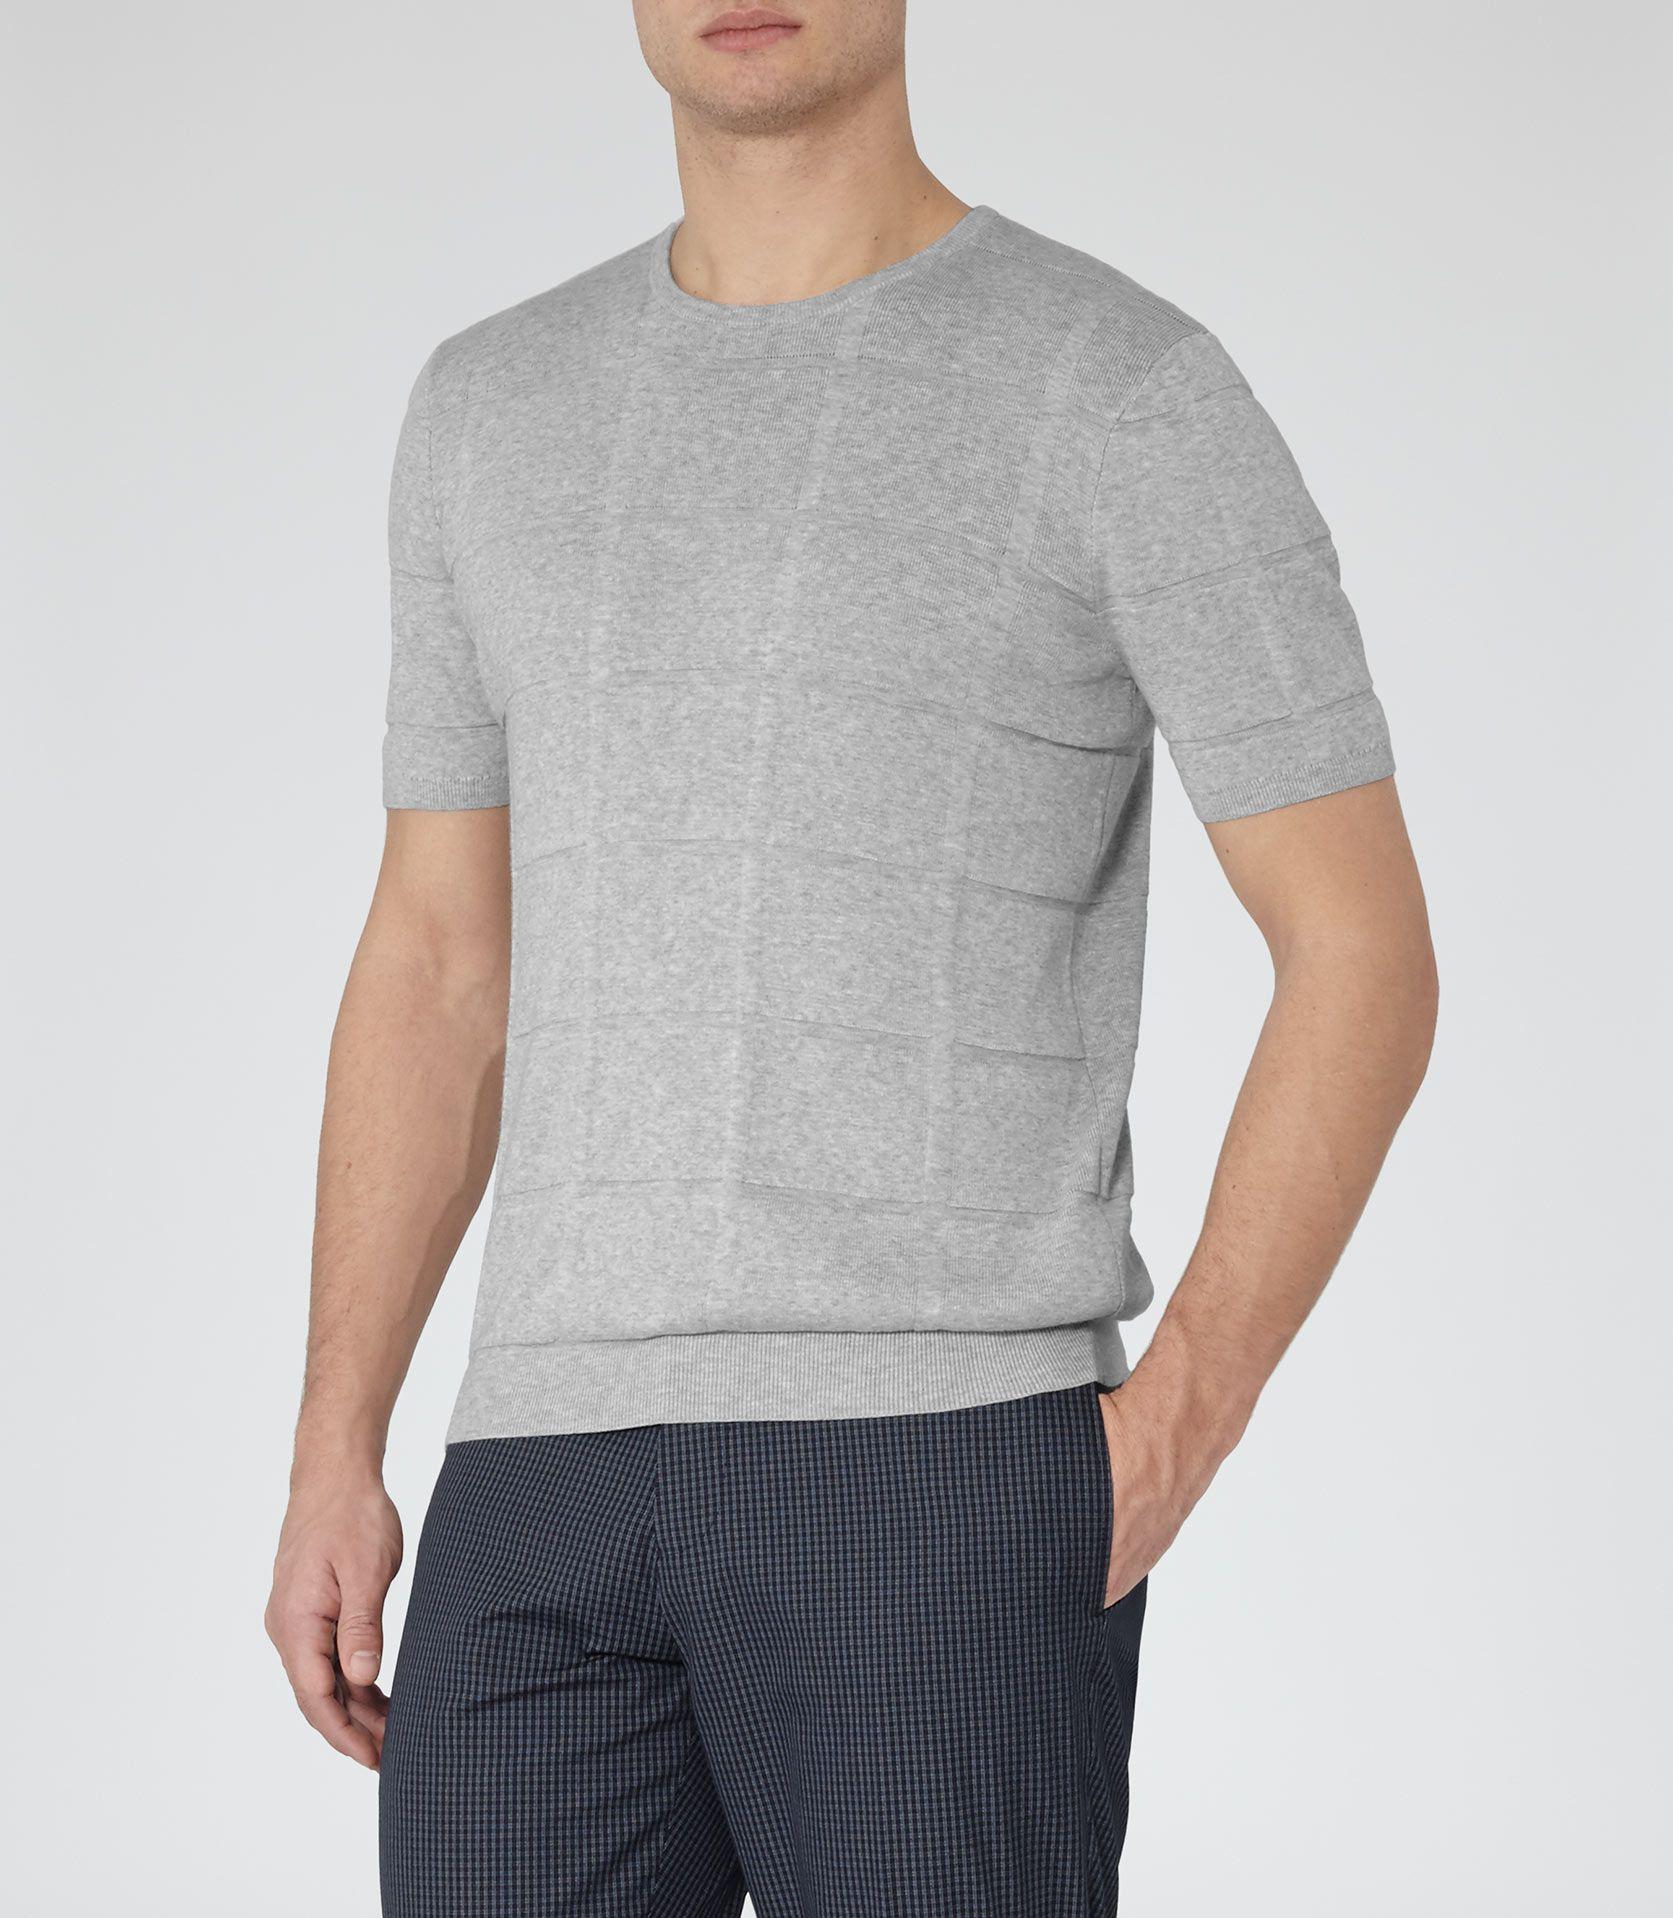 Black t shirt reiss - Mens Grey Check Textured T Shirt Reiss Rufus